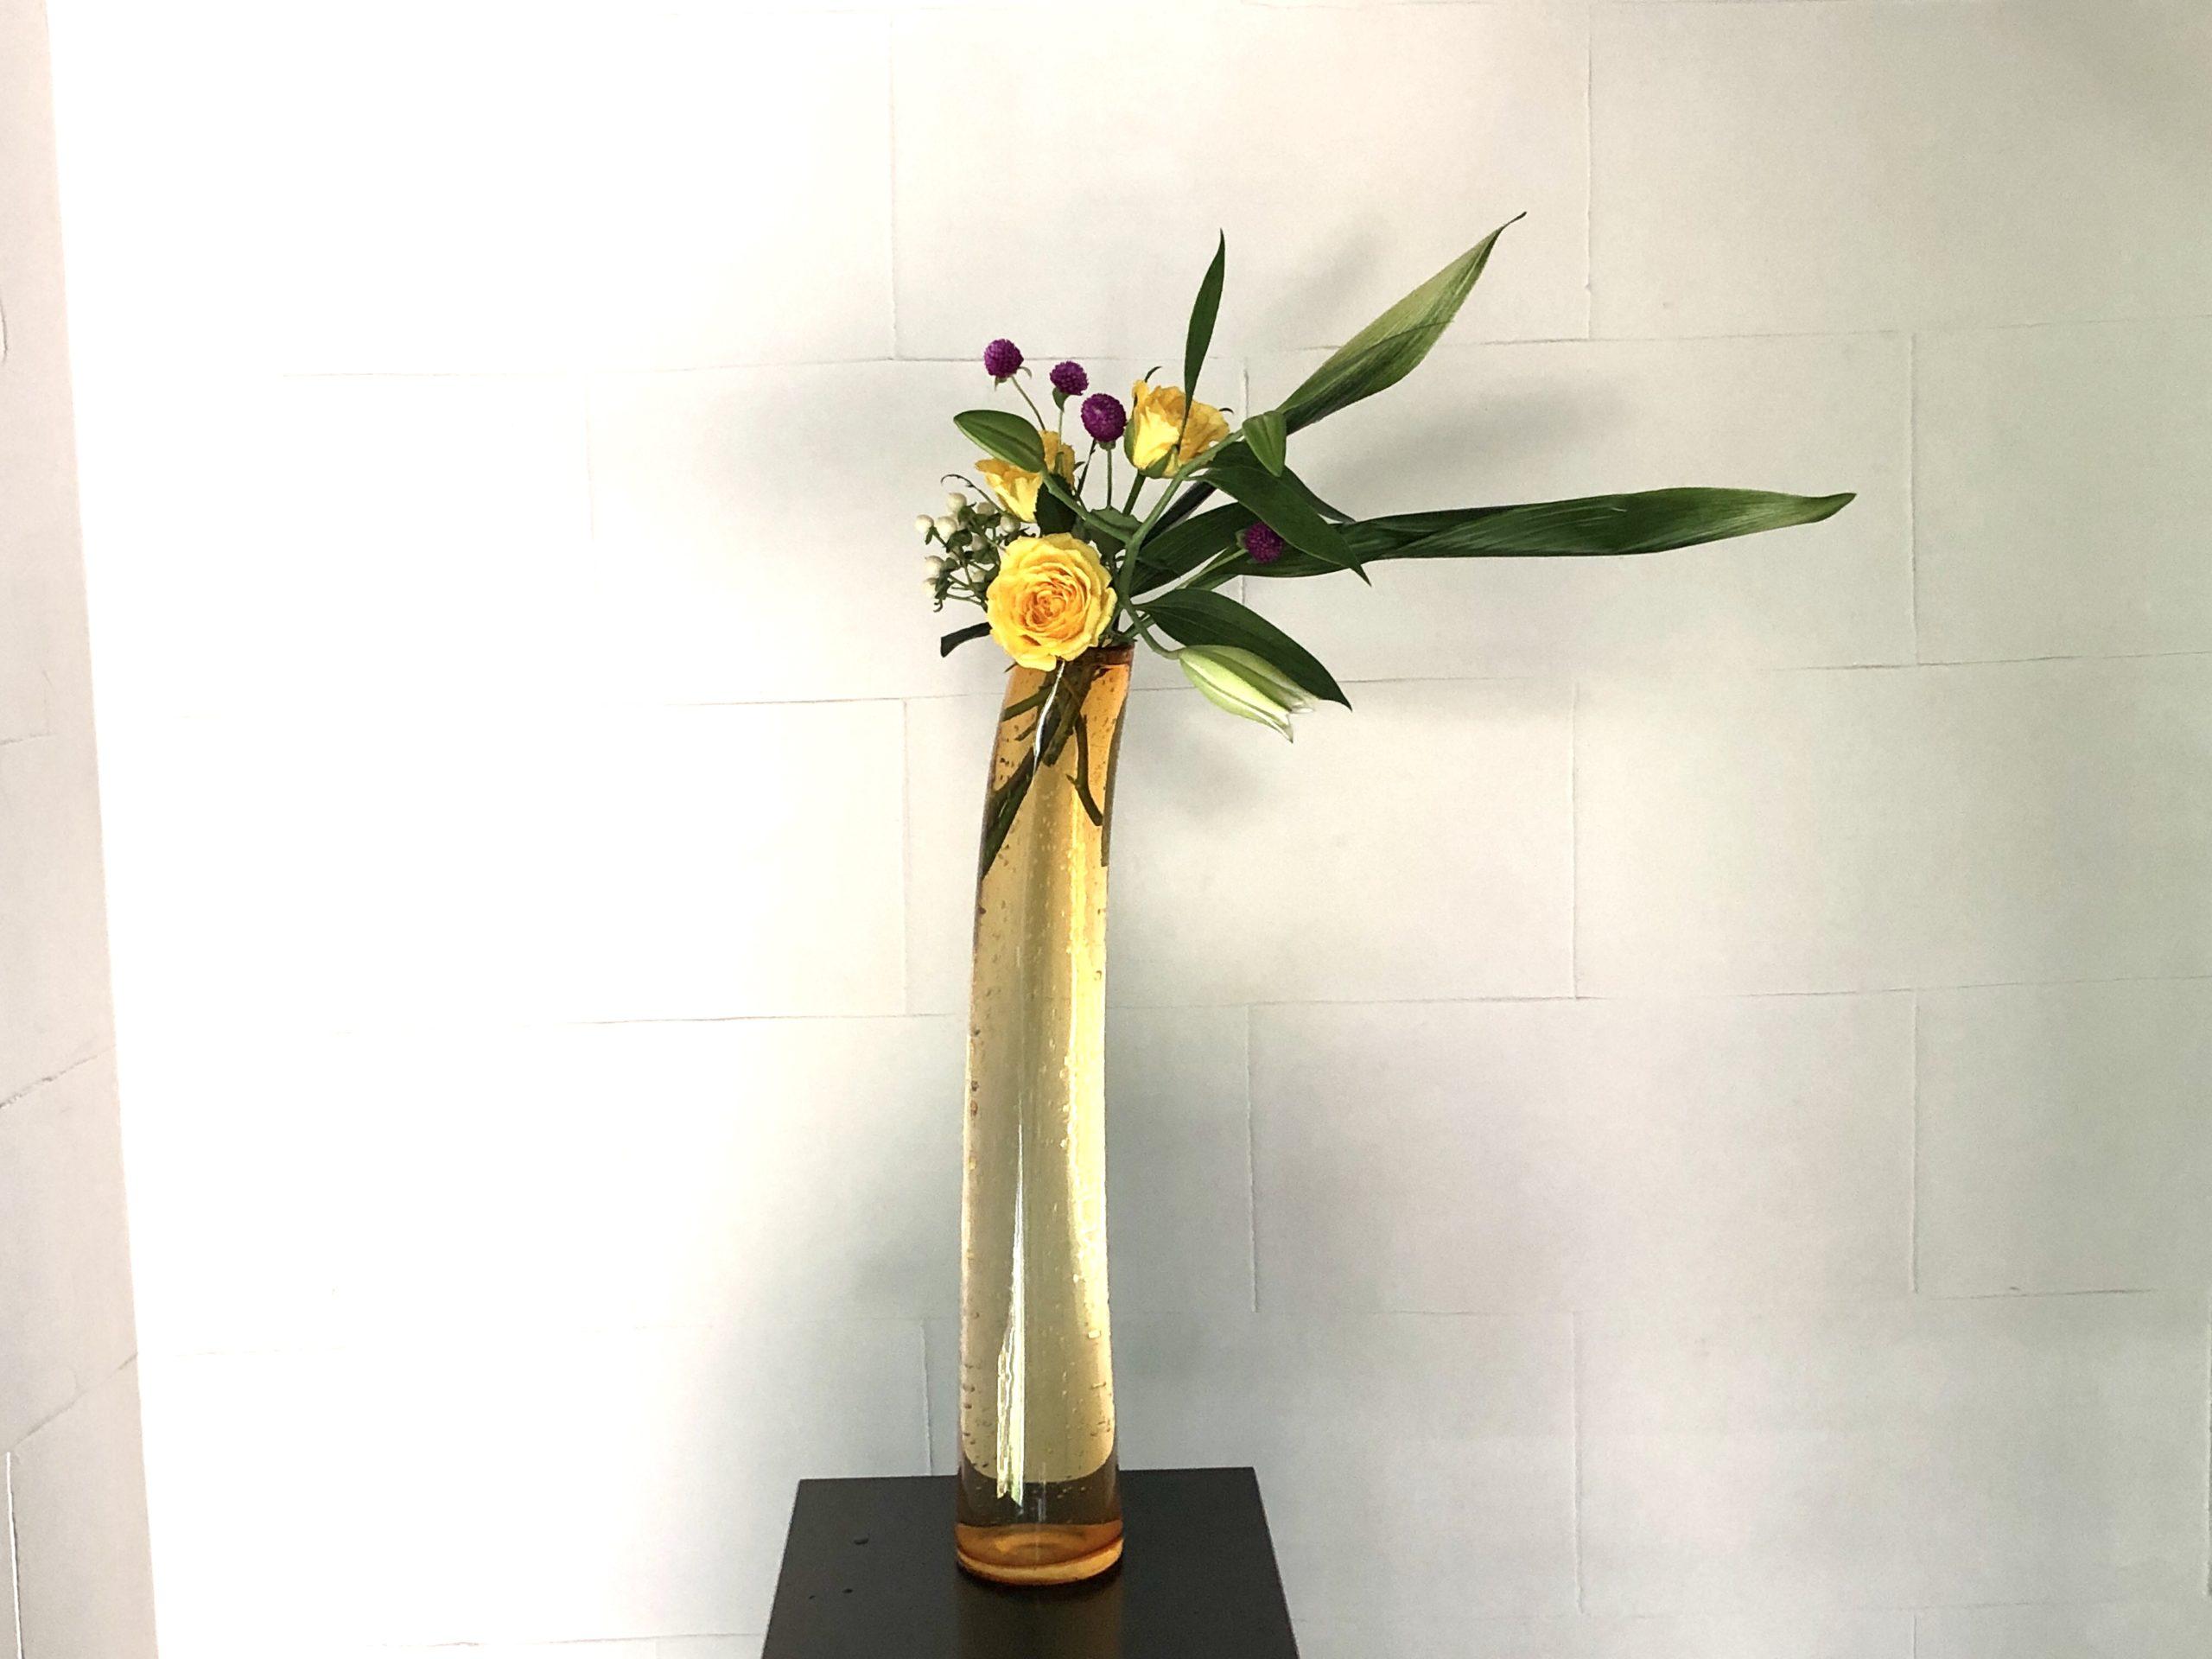 背の高い花器に活ける。暑い夏にぴったりの涼しげな生け花